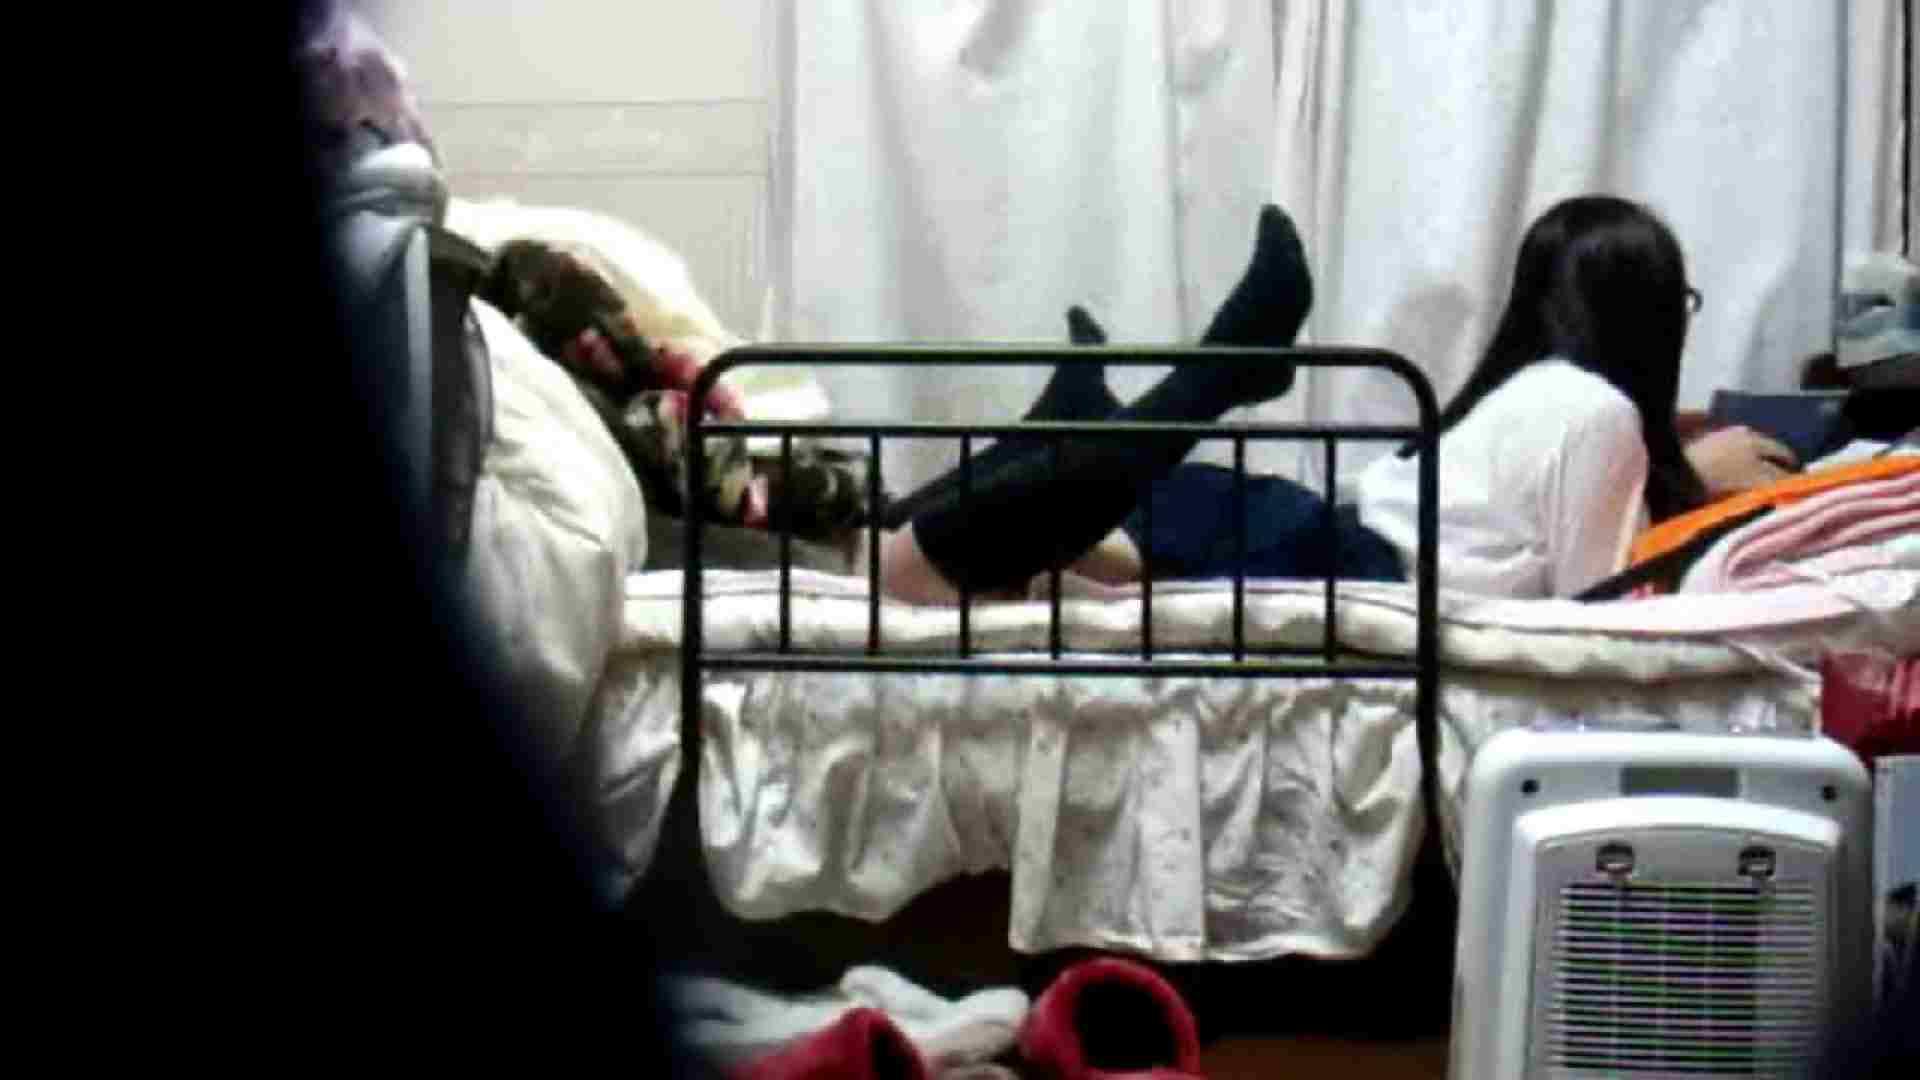 vol.4 まどかの帰宅後の部屋、ベッドで何かが始まります。 民家 SEX無修正画像 100画像 30